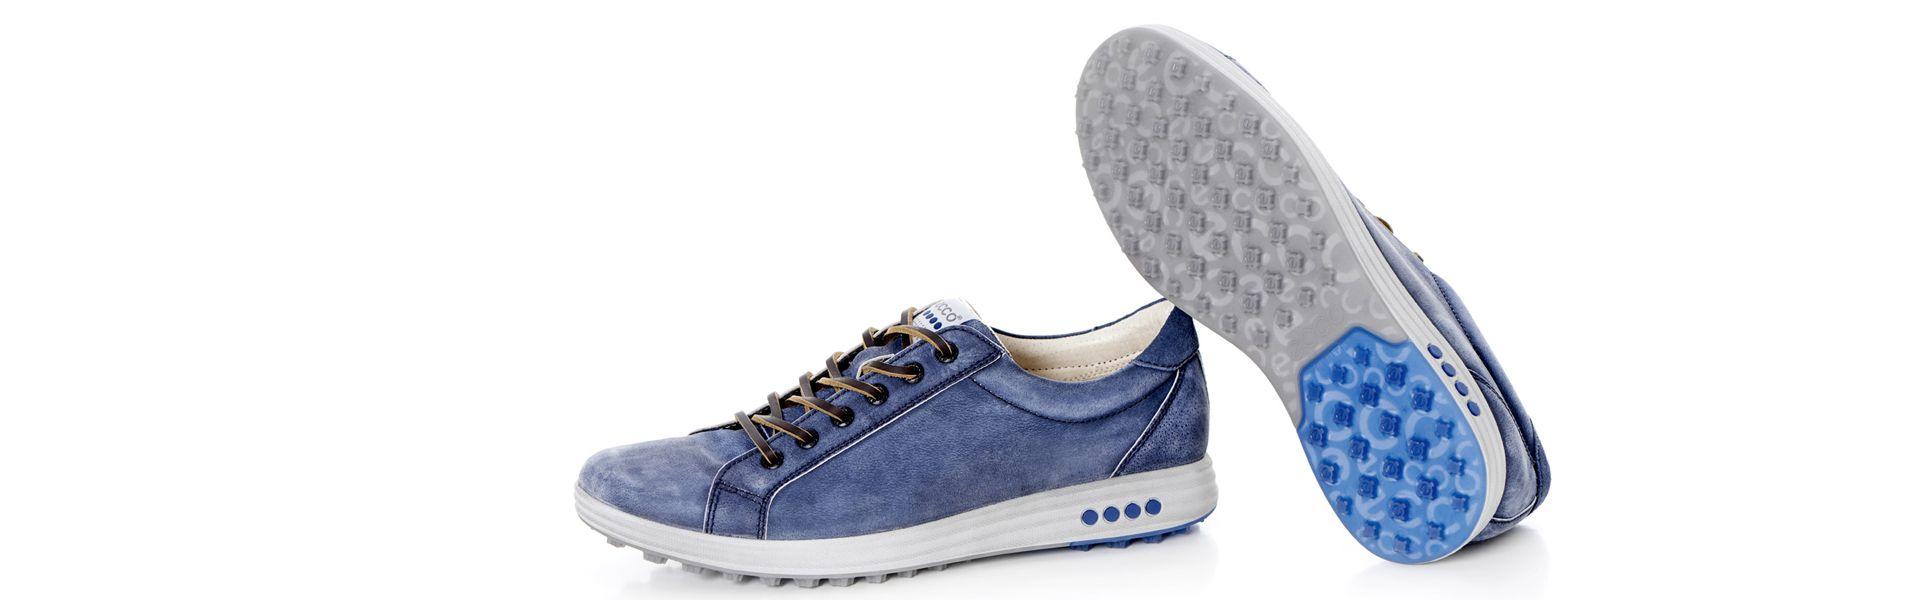 detailed look 7cc8e a5866 ecco Brand - Caligari Golfequipment AG, Bad Ragaz ...